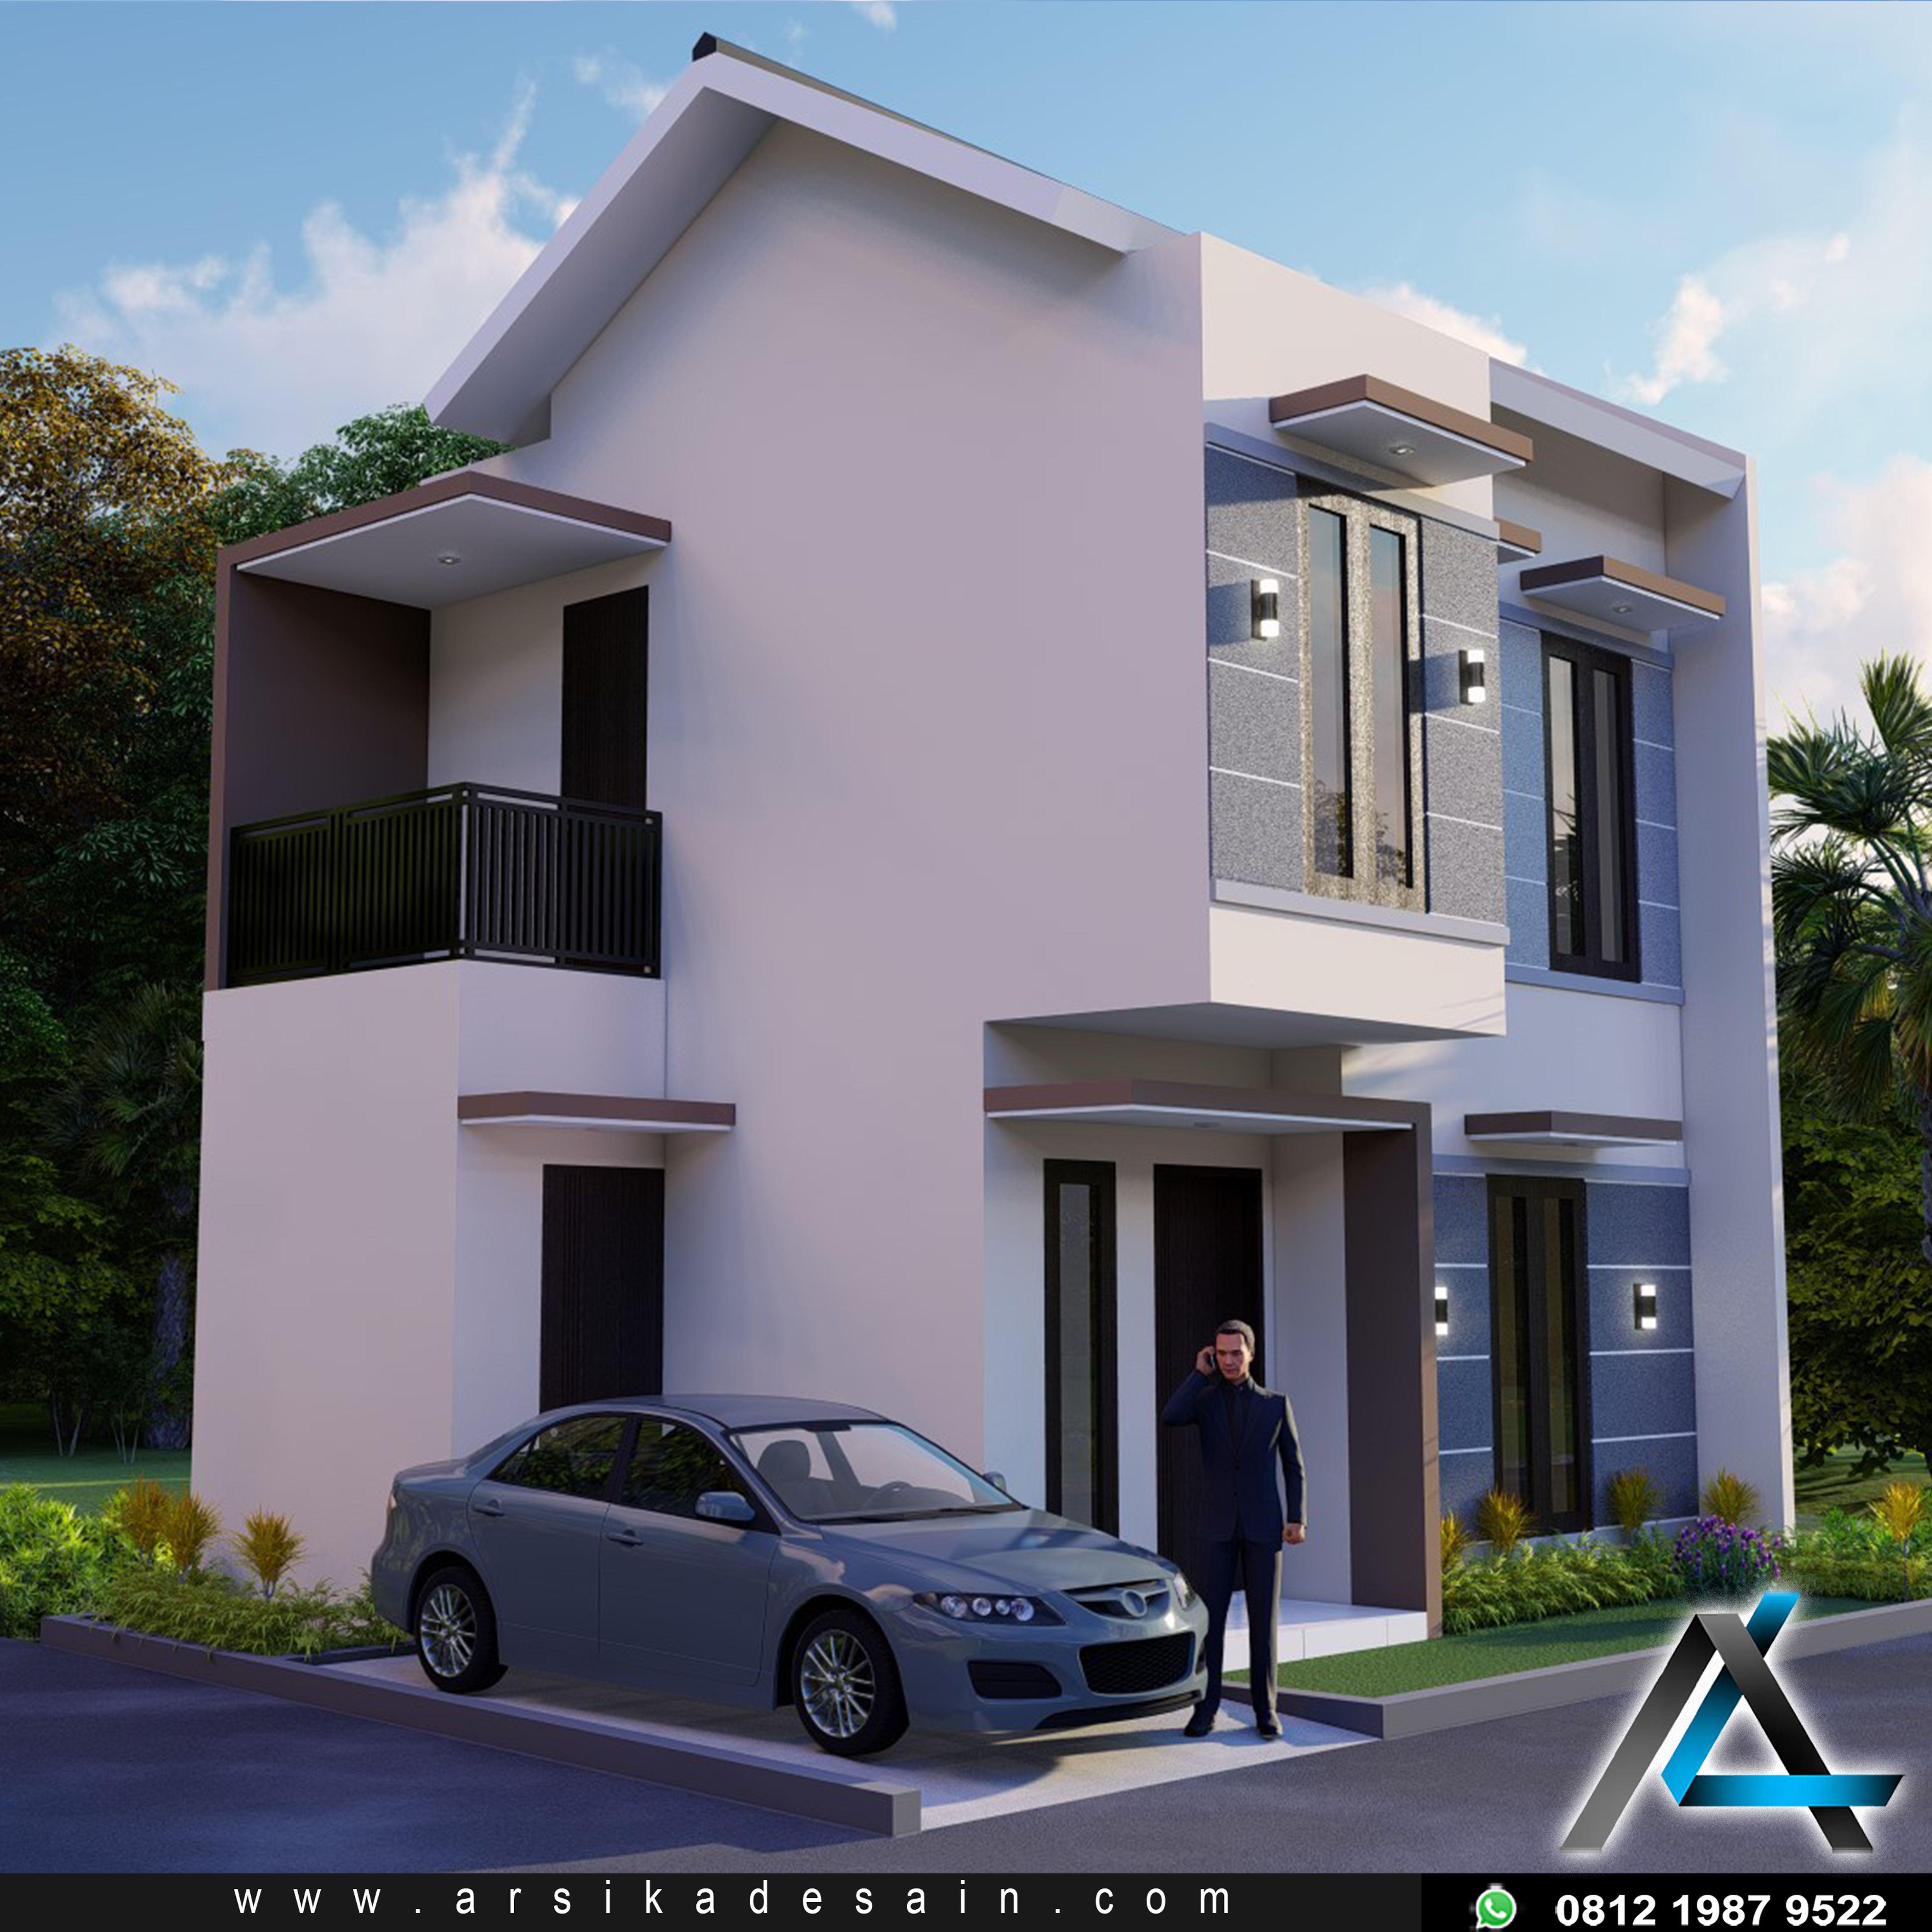 Desain Rumah Modern Minimalis Arsitek Arsitektur Rumah